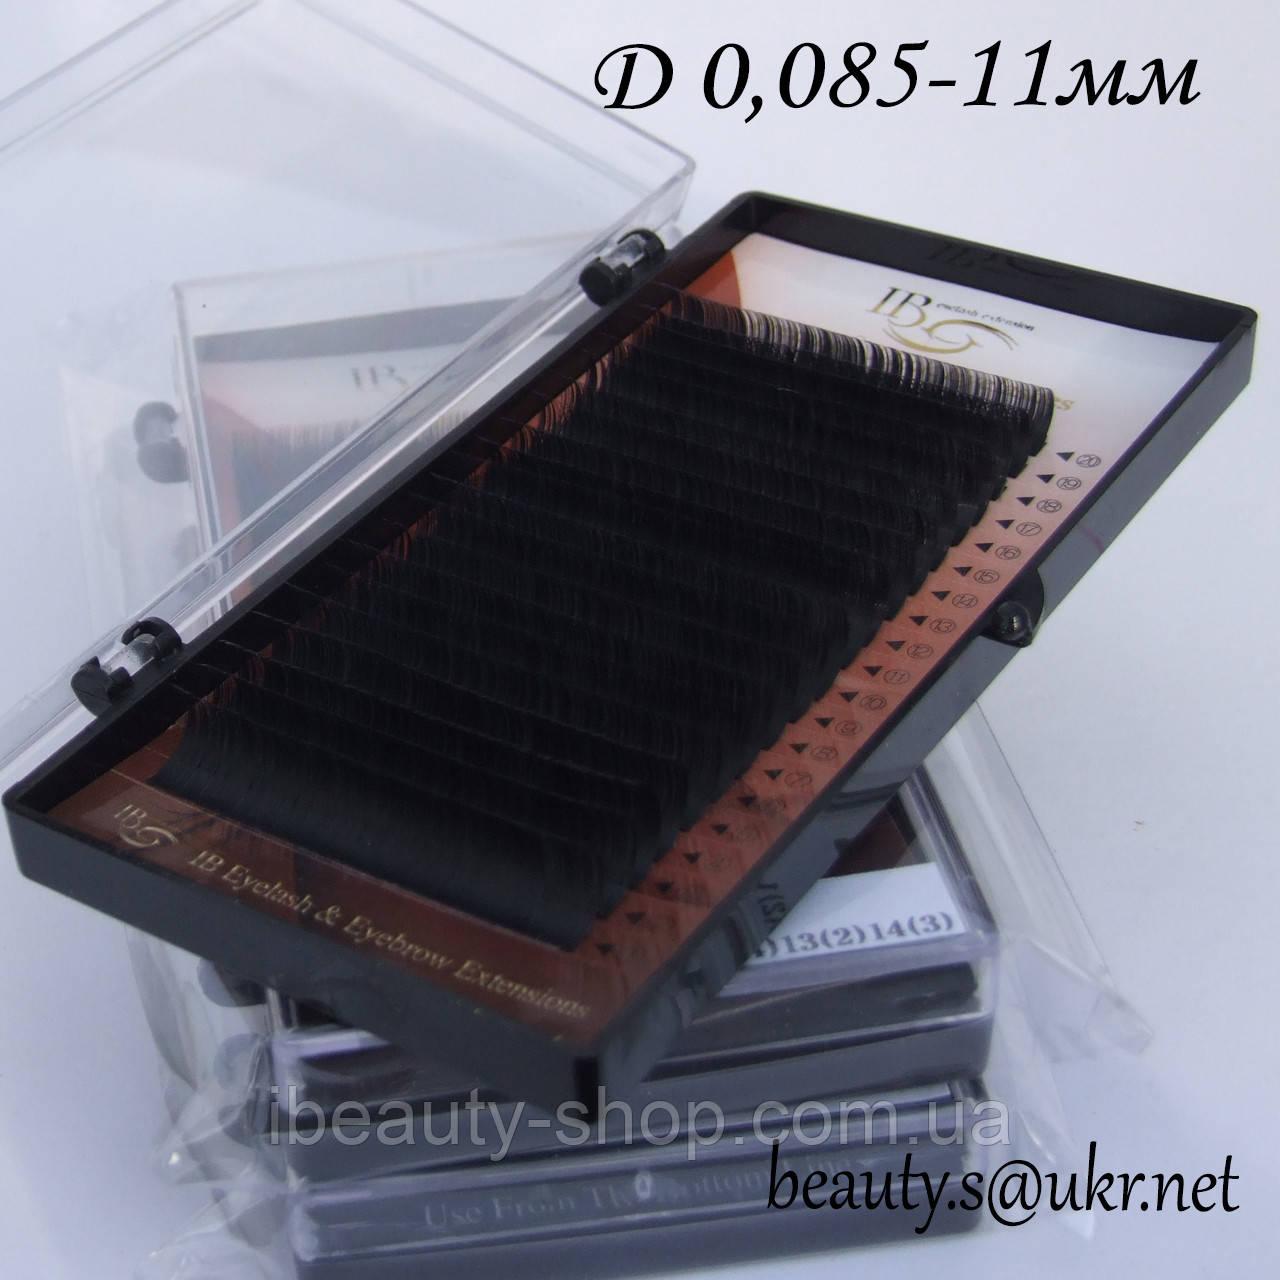 Ресницы  I-Beauty на ленте D-0,085 11мм